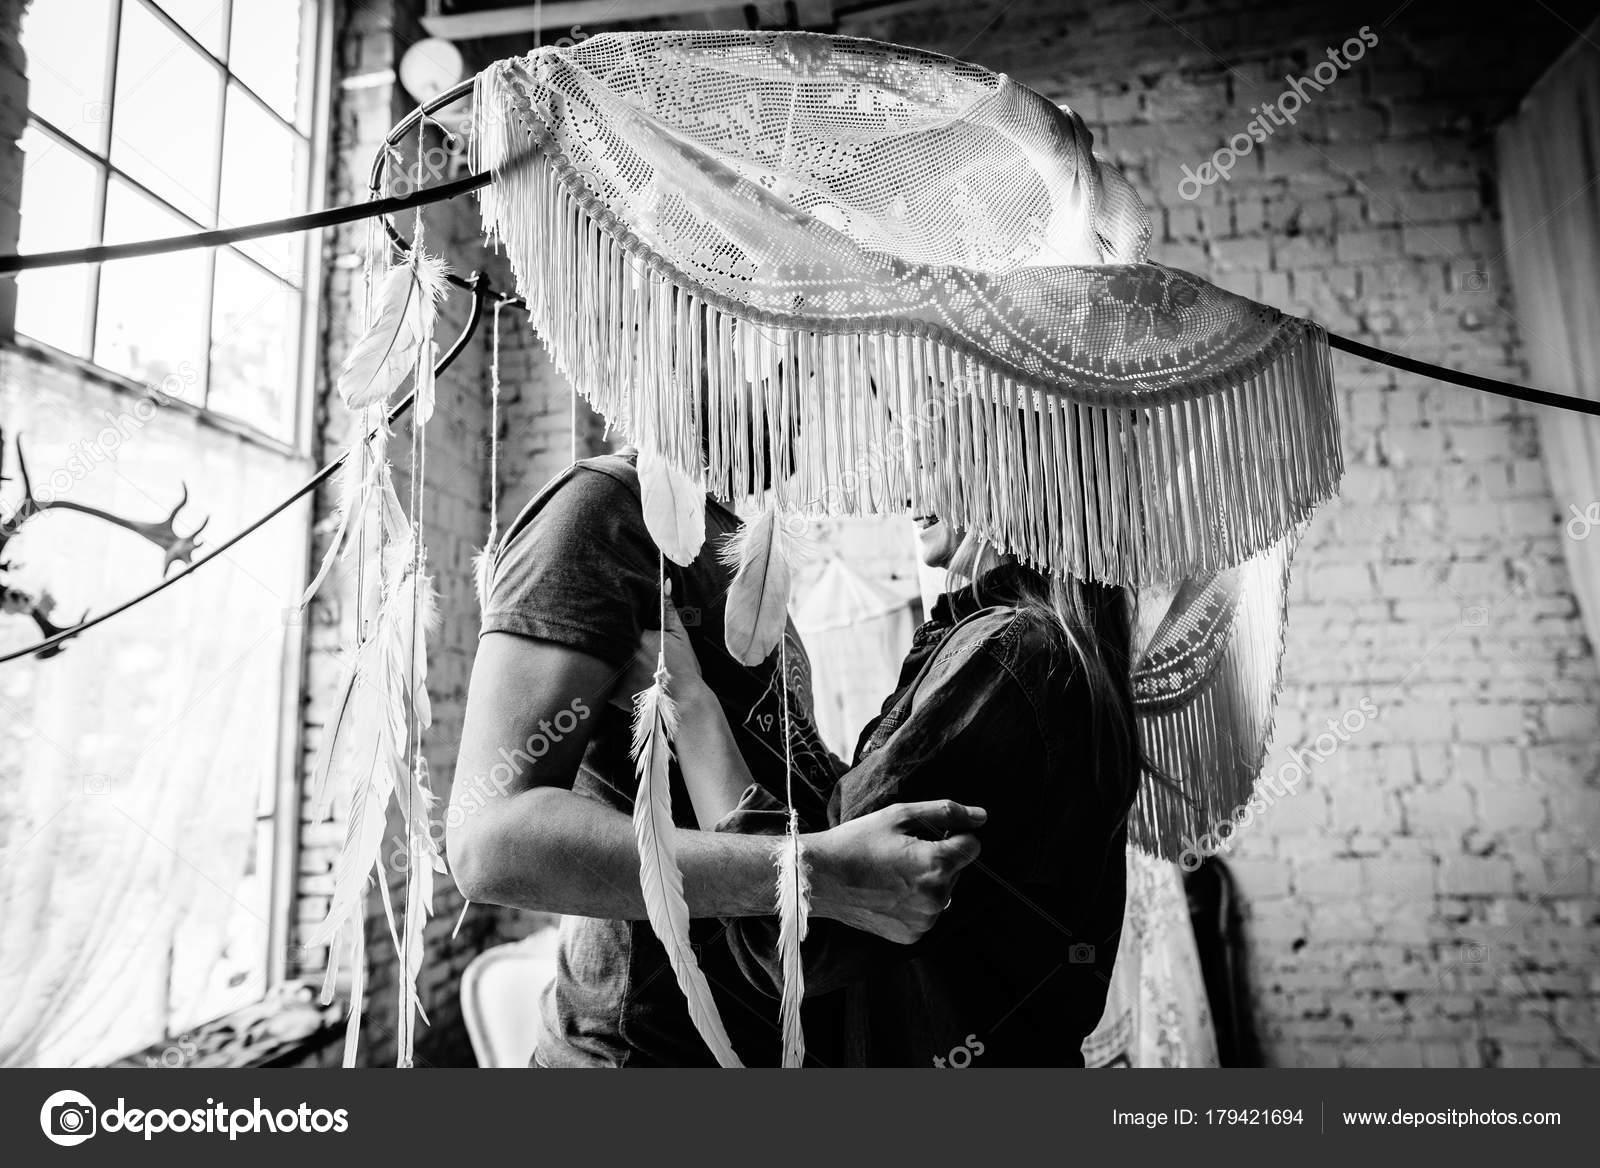 foto preto branco casal eles abraçam outro escondendo atrás cortina